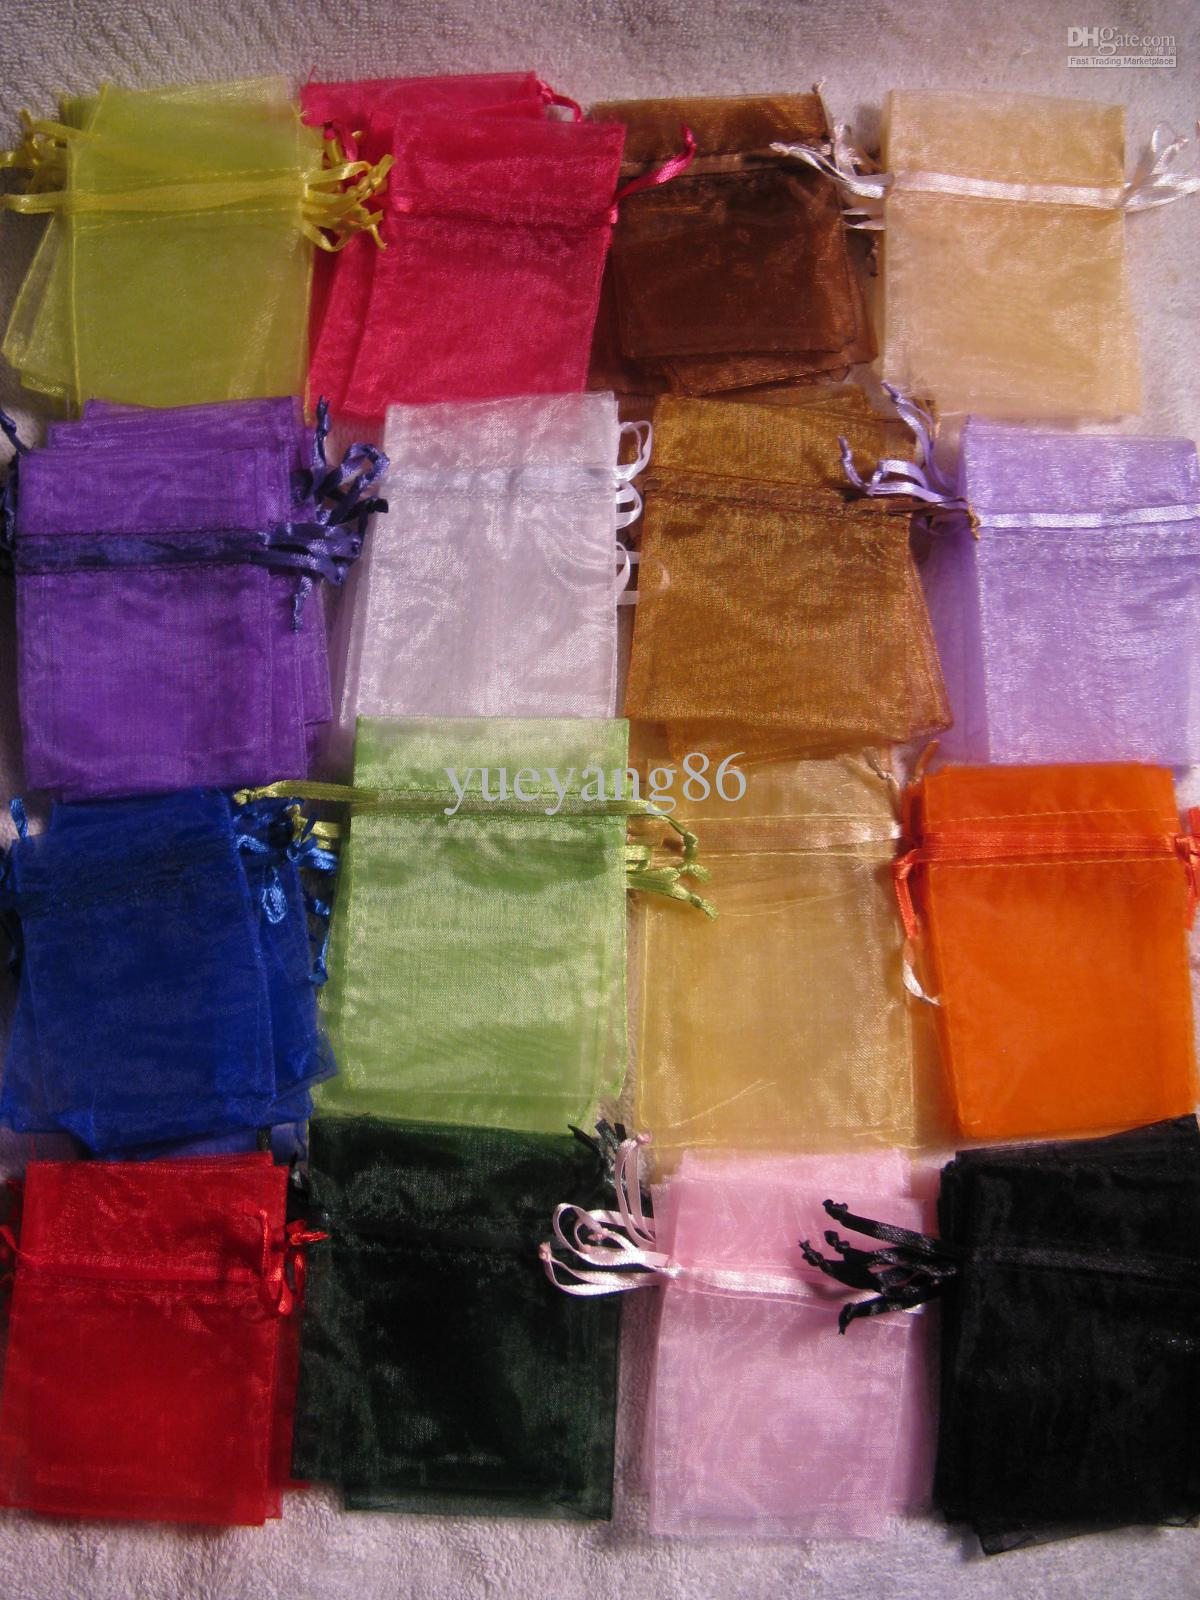 Mixed Caixa de Jóias de Luxo Organza Anel Brinco Jóias Bolsas Sacos De Presente Para O Casamento favores Sacos Bolsa com cordão fita de cetim